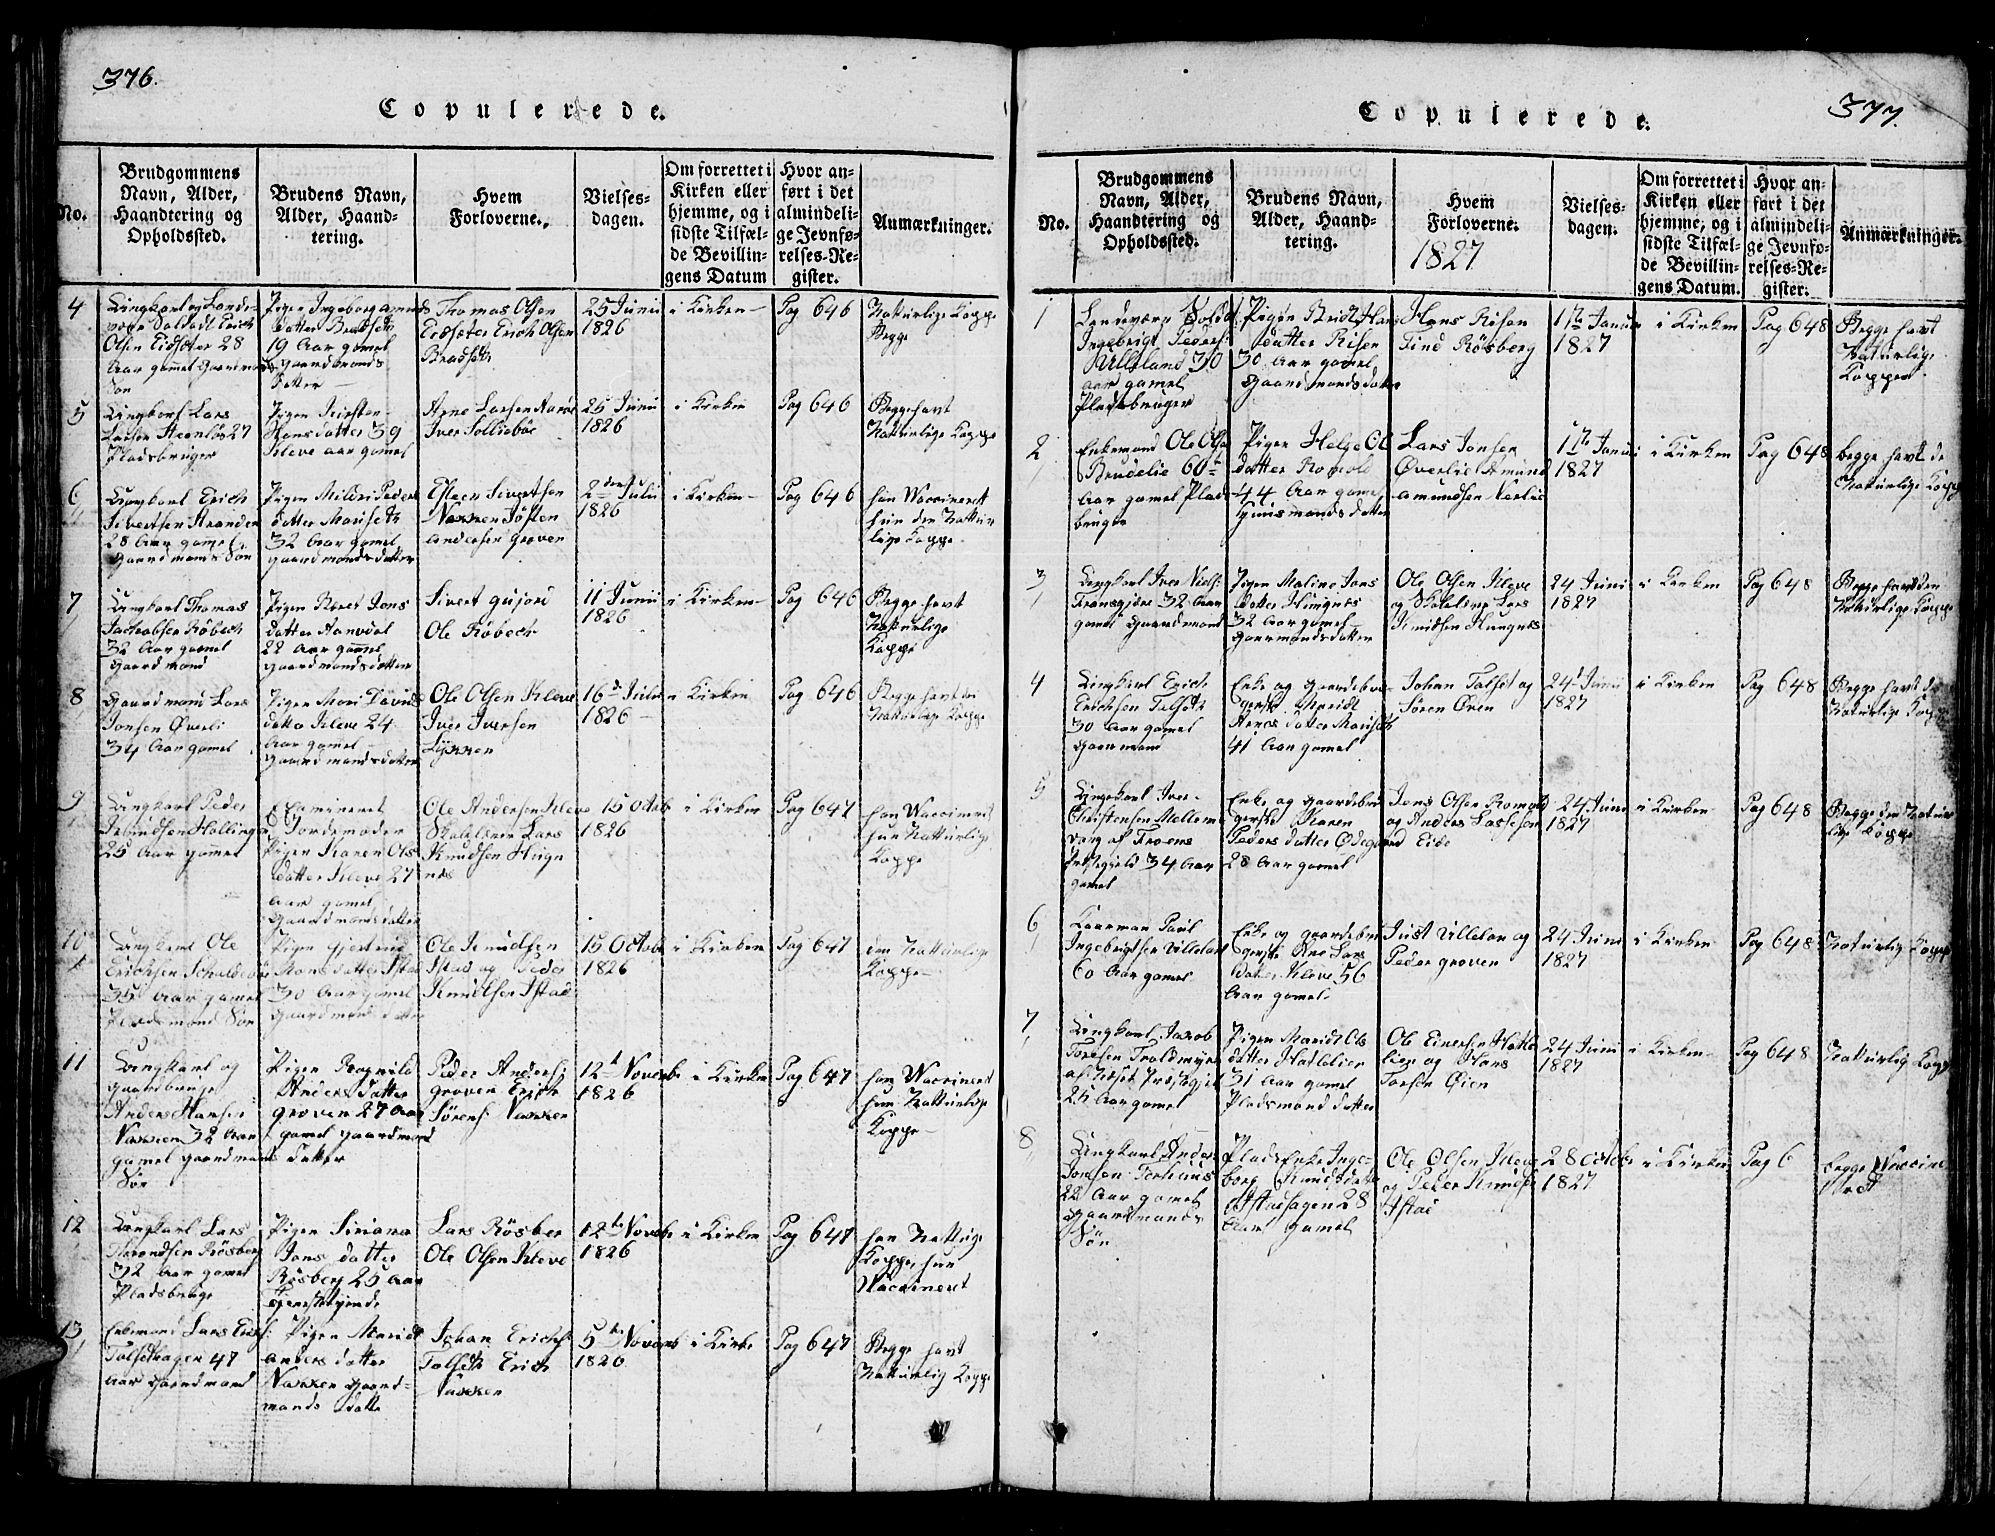 SAT, Ministerialprotokoller, klokkerbøker og fødselsregistre - Møre og Romsdal, 557/L0683: Klokkerbok nr. 557C01, 1818-1862, s. 376-377